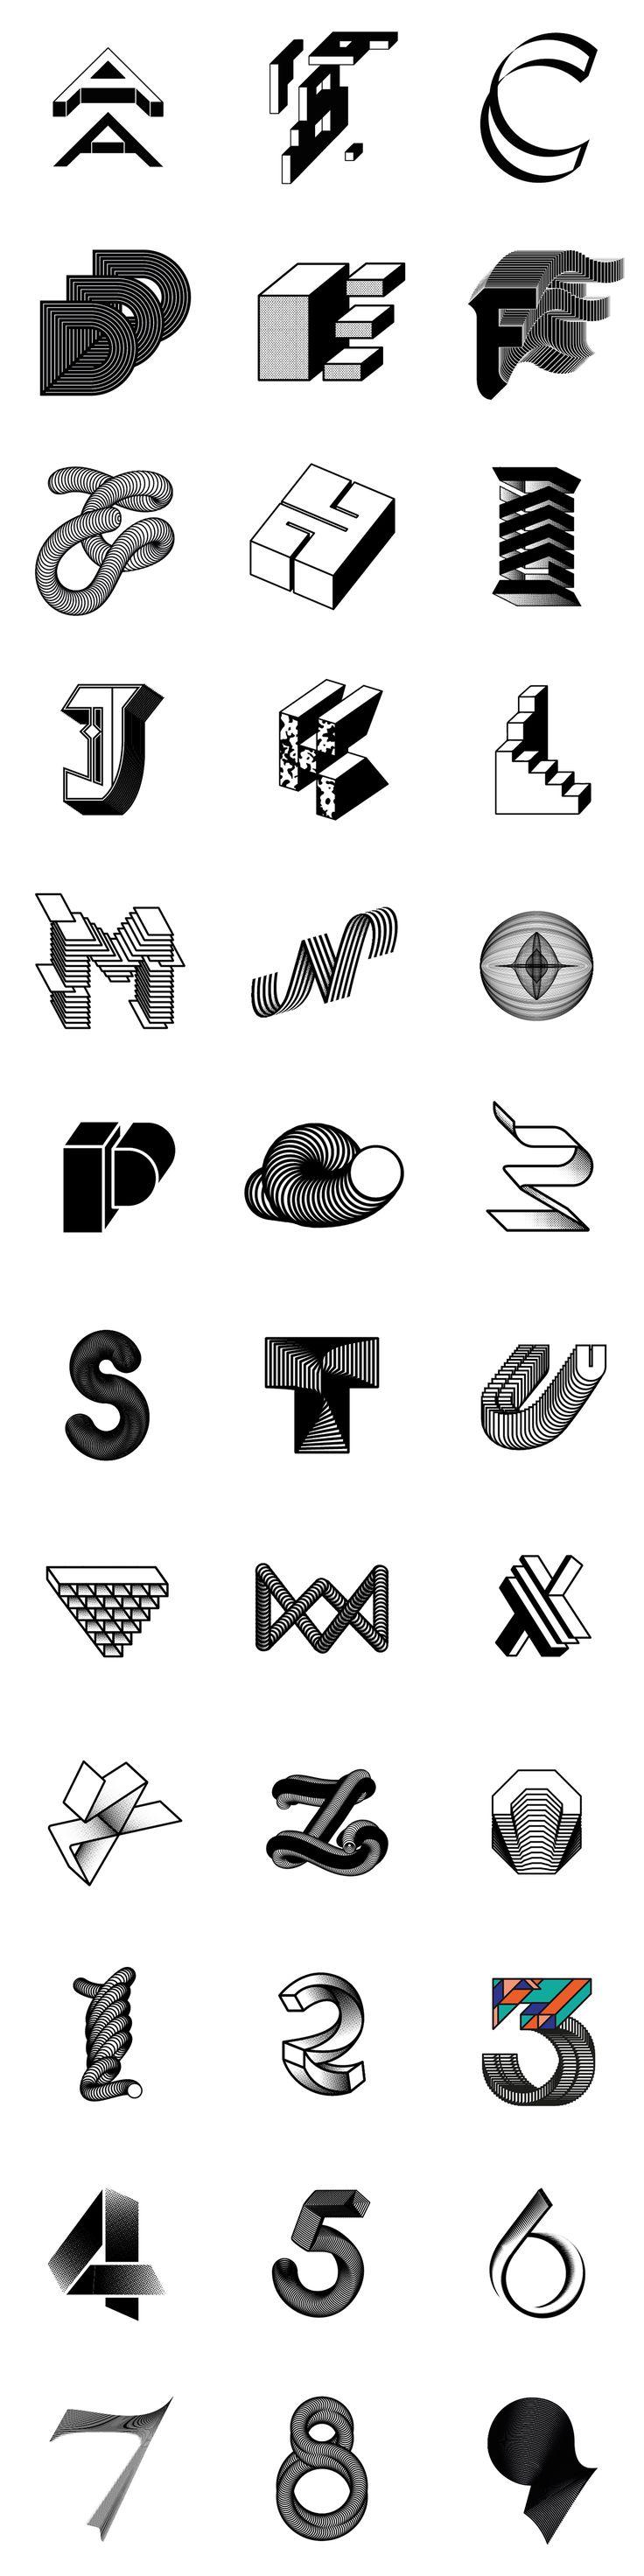 이 알파벳 소스들로 영상을 만들어보면 재밌지 않을까?